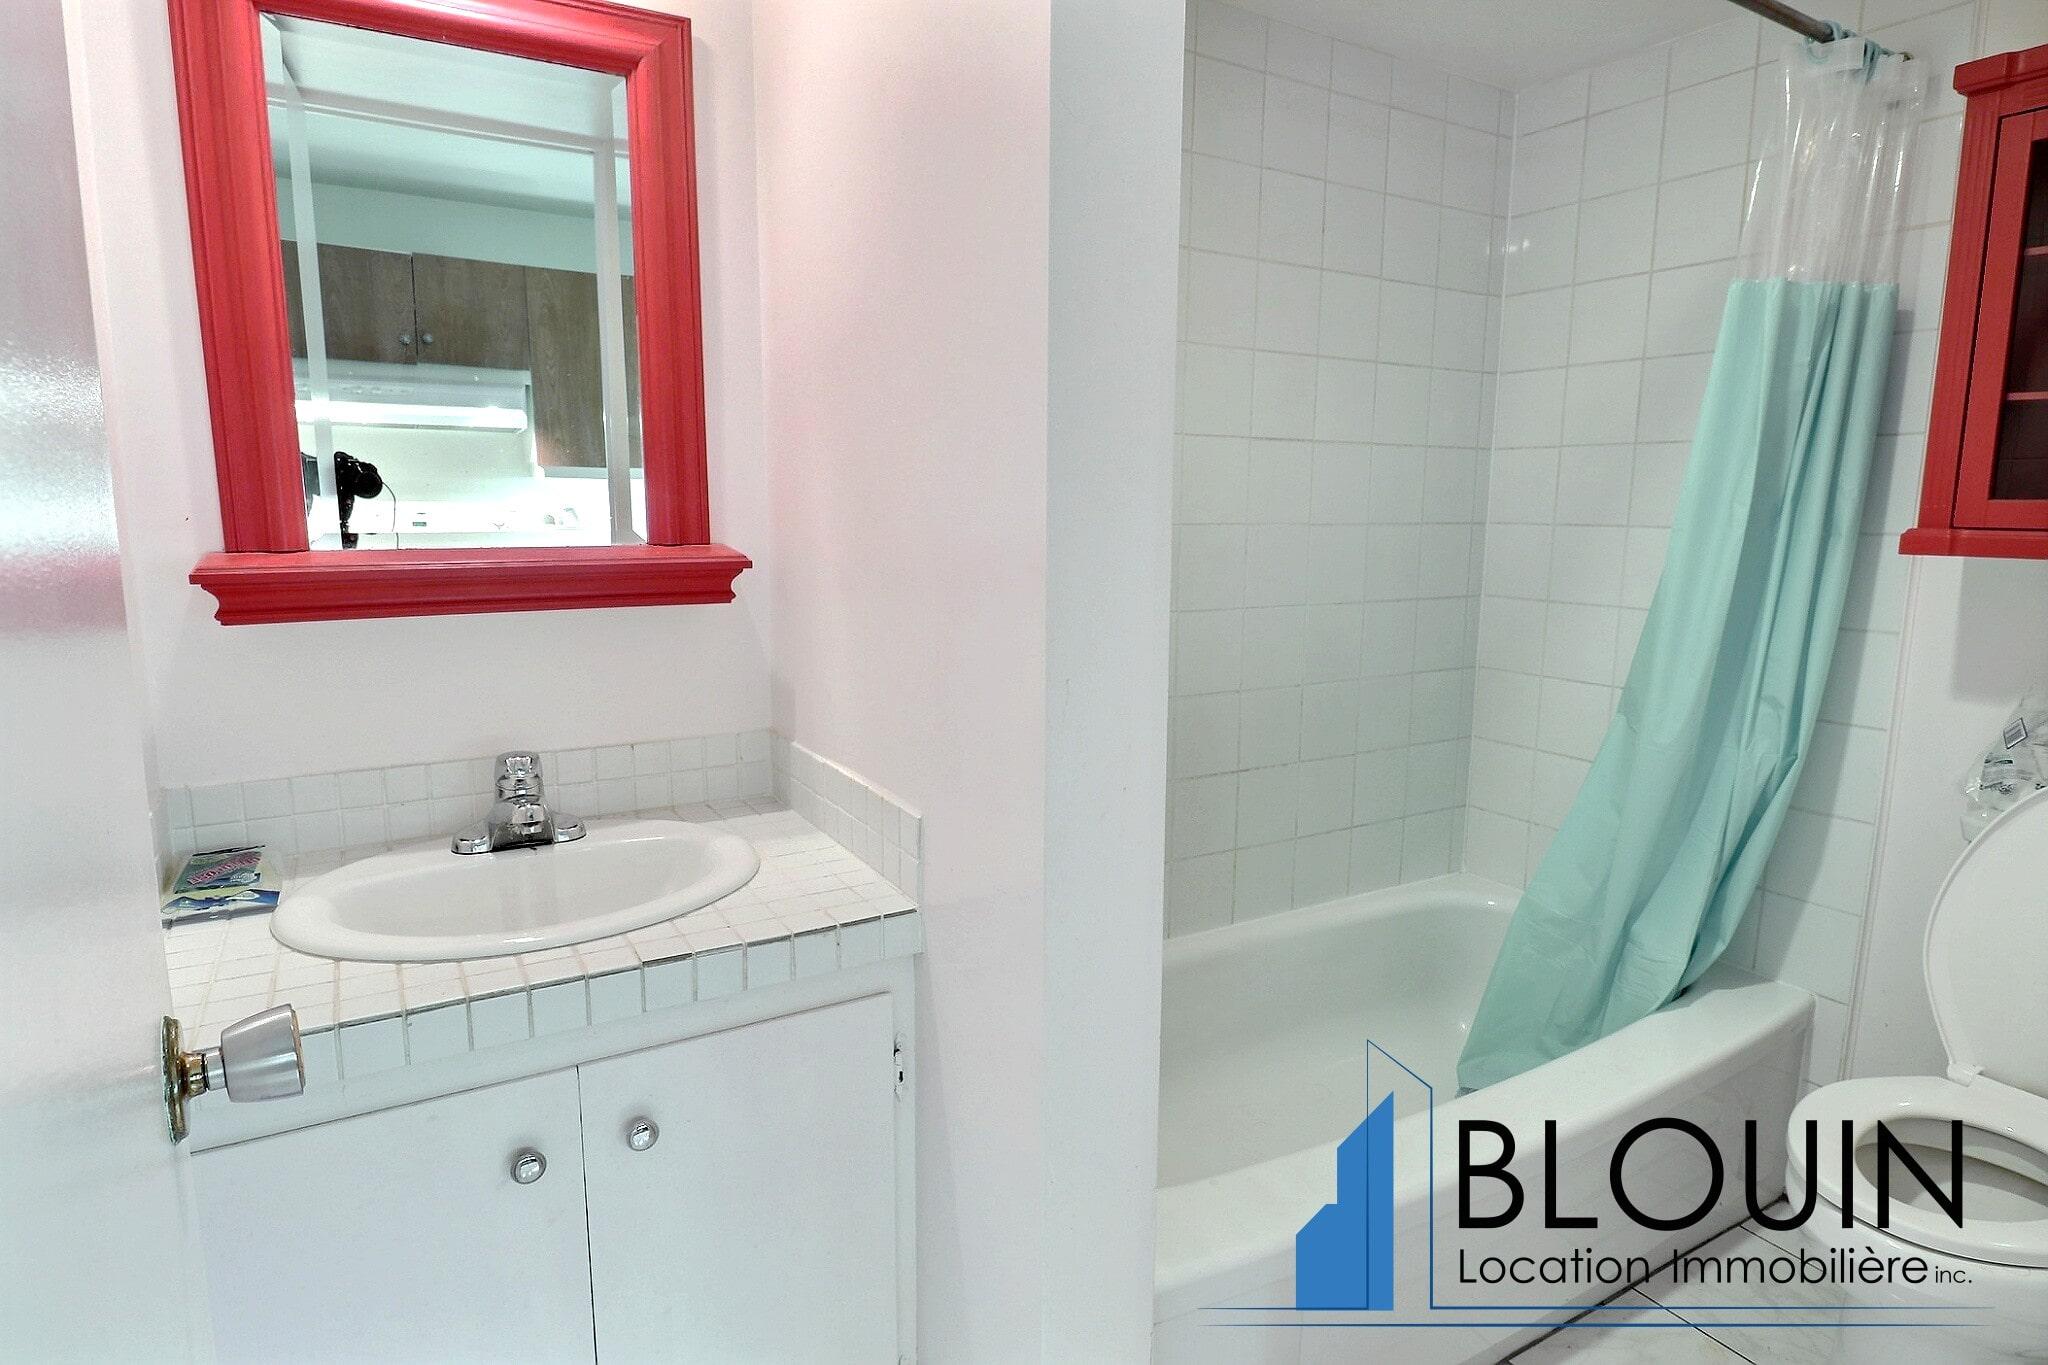 Photo 6 : 3 ½ à Montcalm, Entièrement meublé, libre pour Février, Chauffage + eau chaude + Stationnement inclus